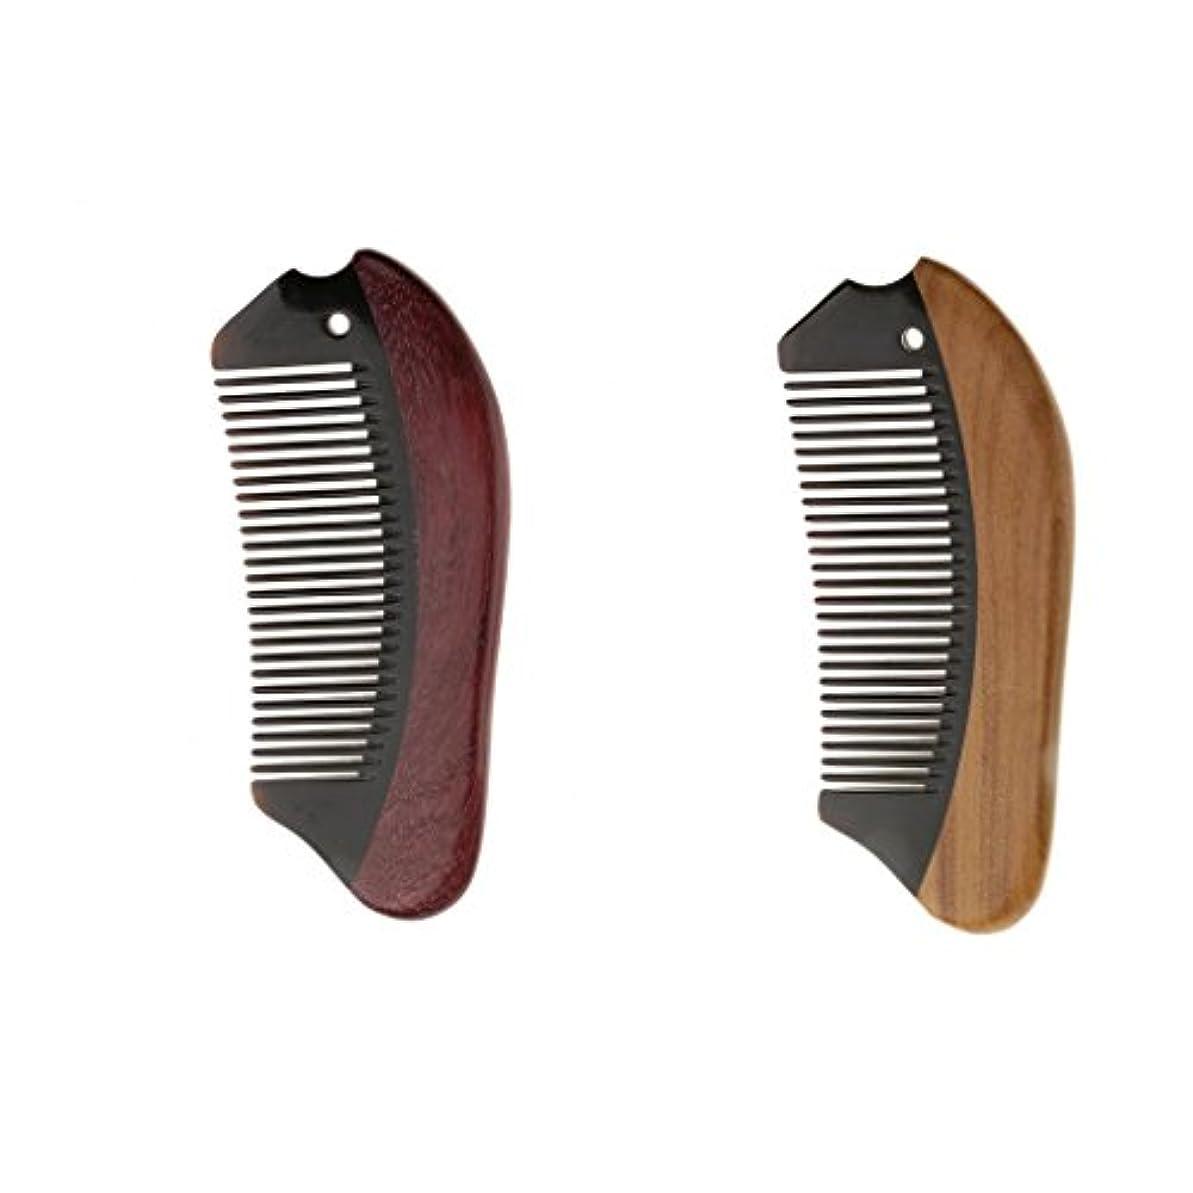 狂気引き潮撤回するHomyl 2個 木製 櫛 コーム 静電気防止 マッサージ 高品質 プレゼント 滑らか 快適